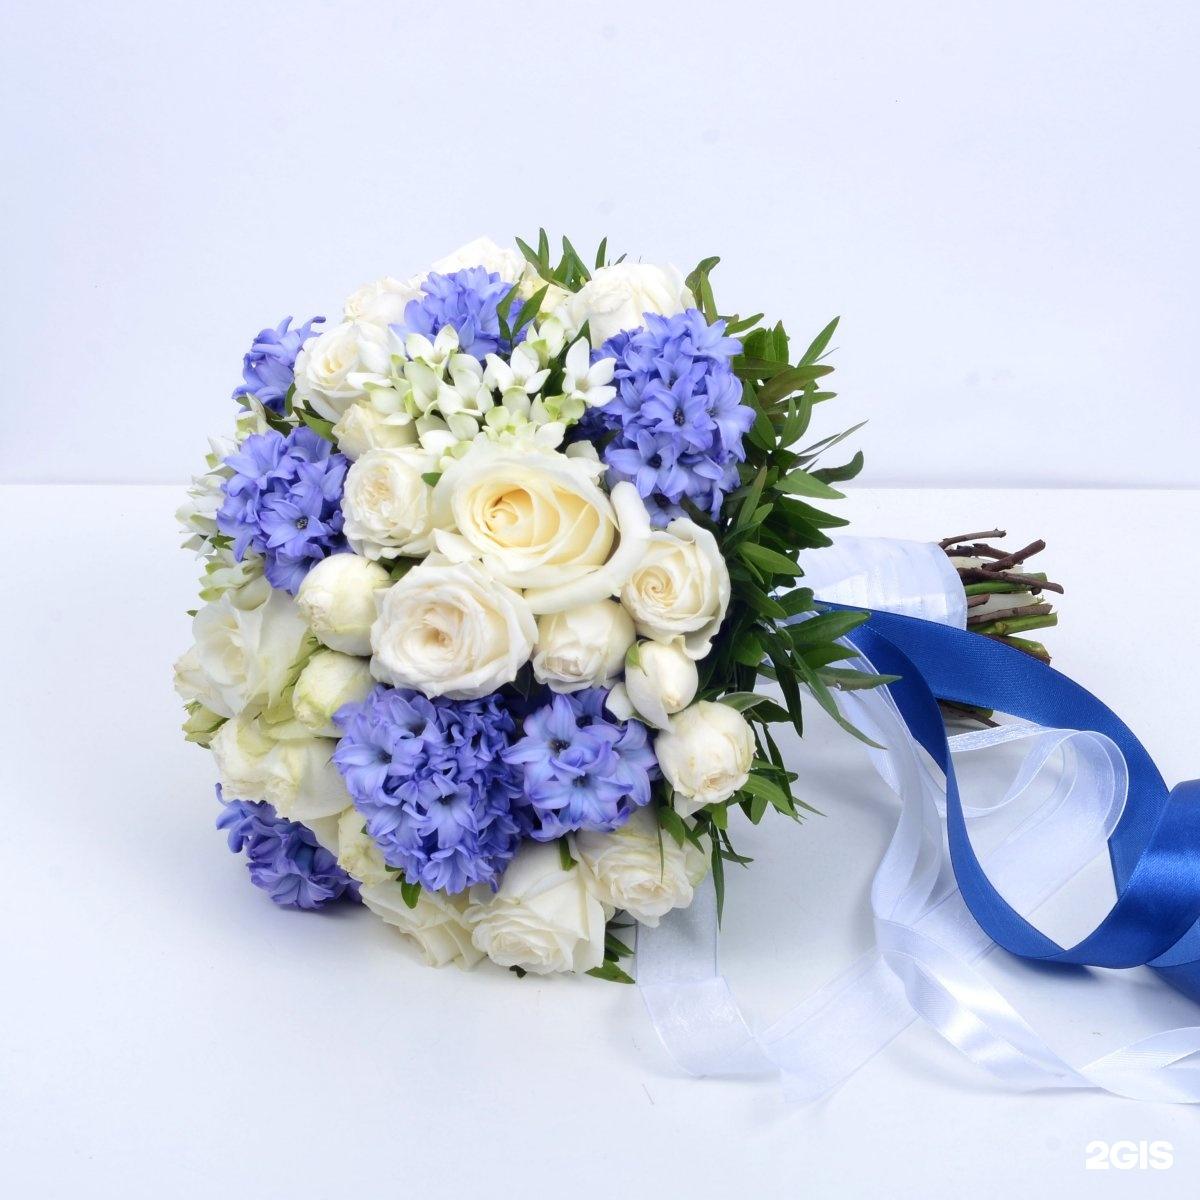 Букет невесты из гиацинта белого, магазин цветов купить